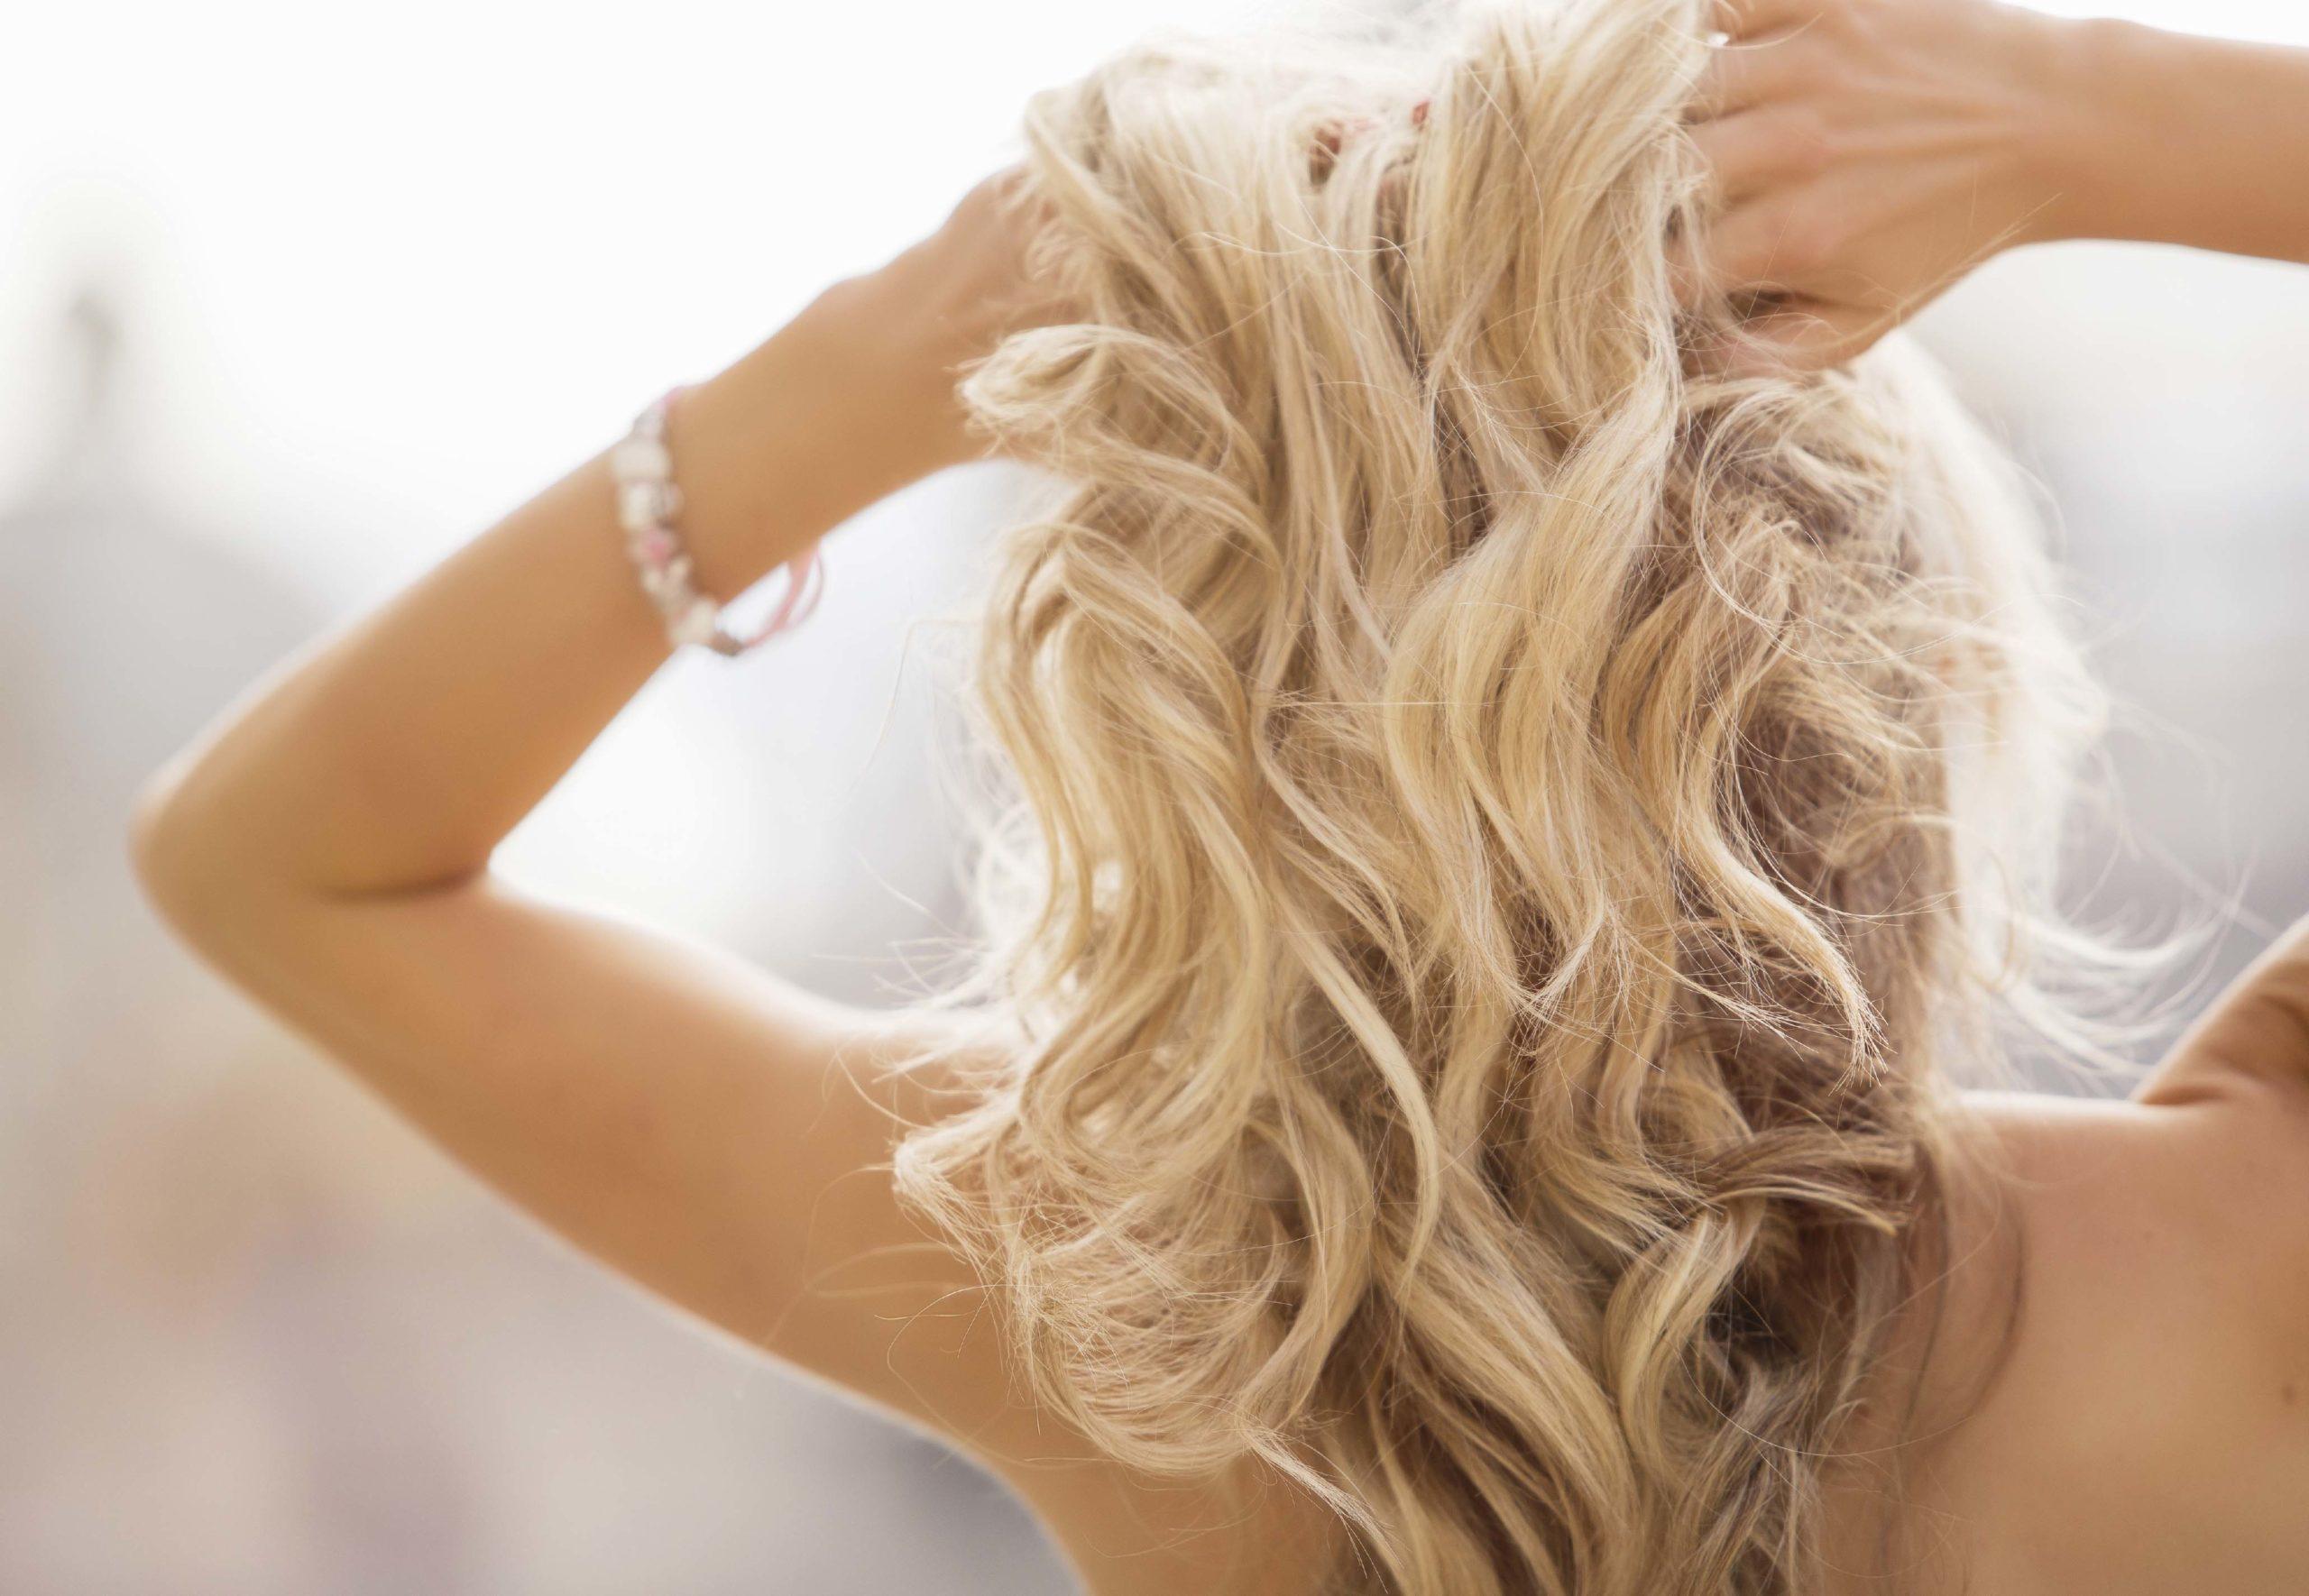 Безопасные способы осветления волос в домашних условиях